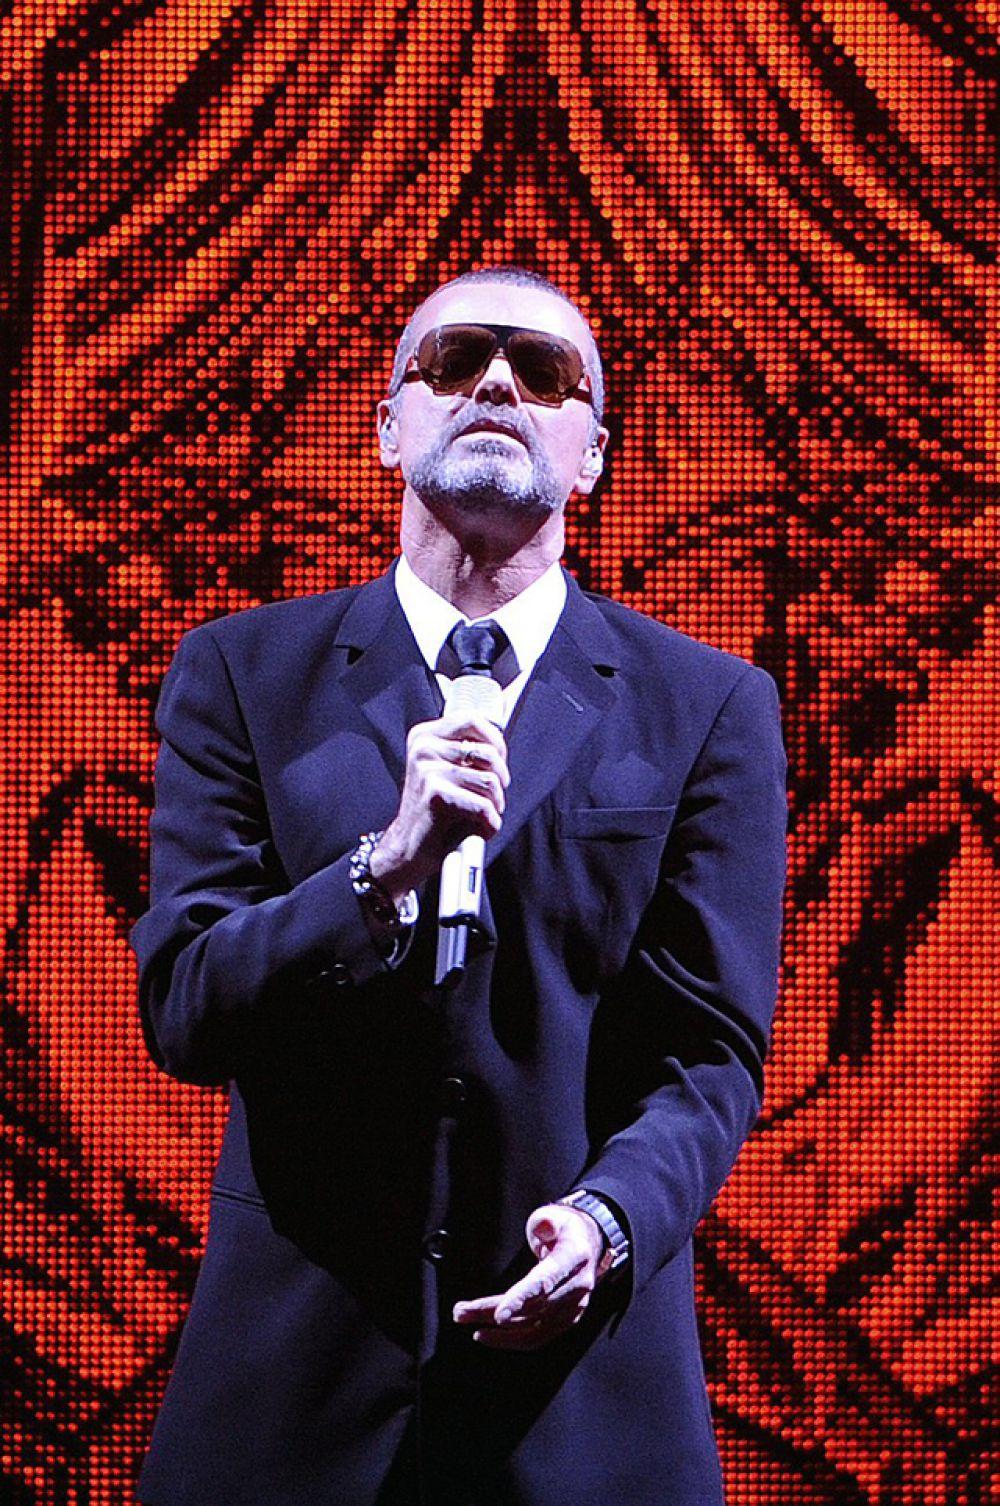 Музыкальная карьера Джорджа Майкла началась в 1981 году в группе The Executives, которую он создал совместно со своим школьным другом Эндрю Риджли.